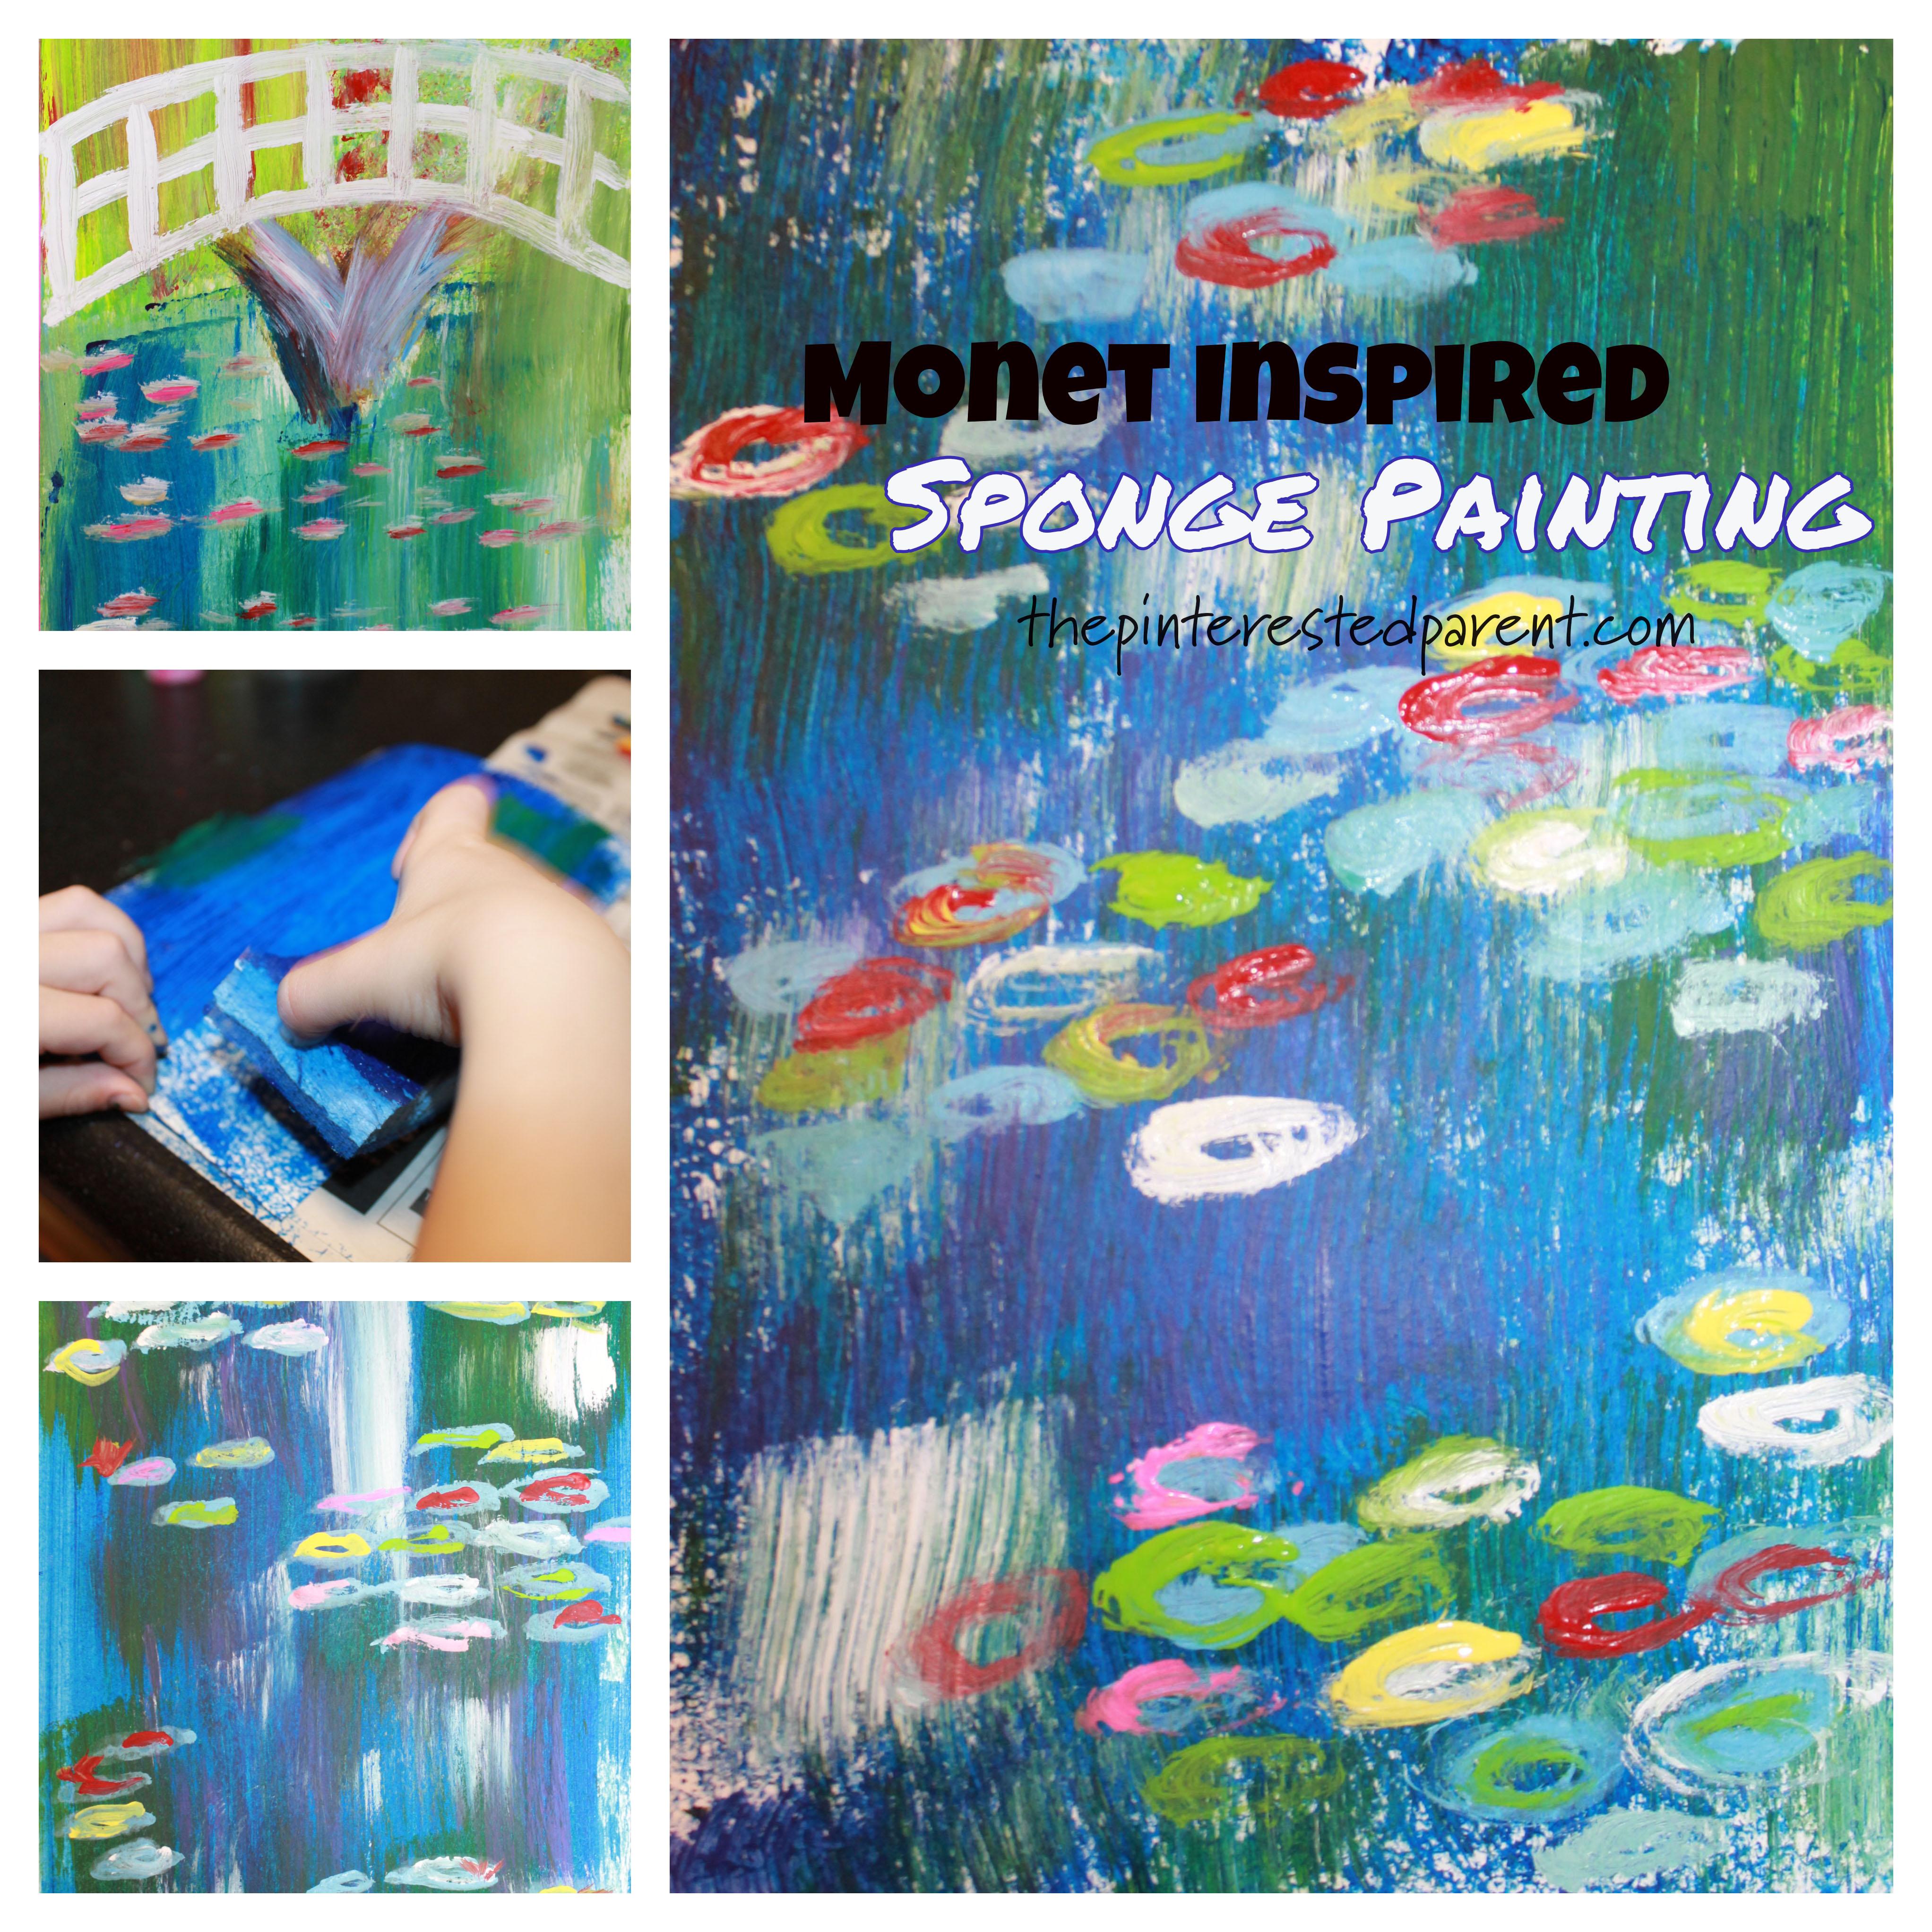 Monet Inspired Sponge Painting The Pinterested Parent